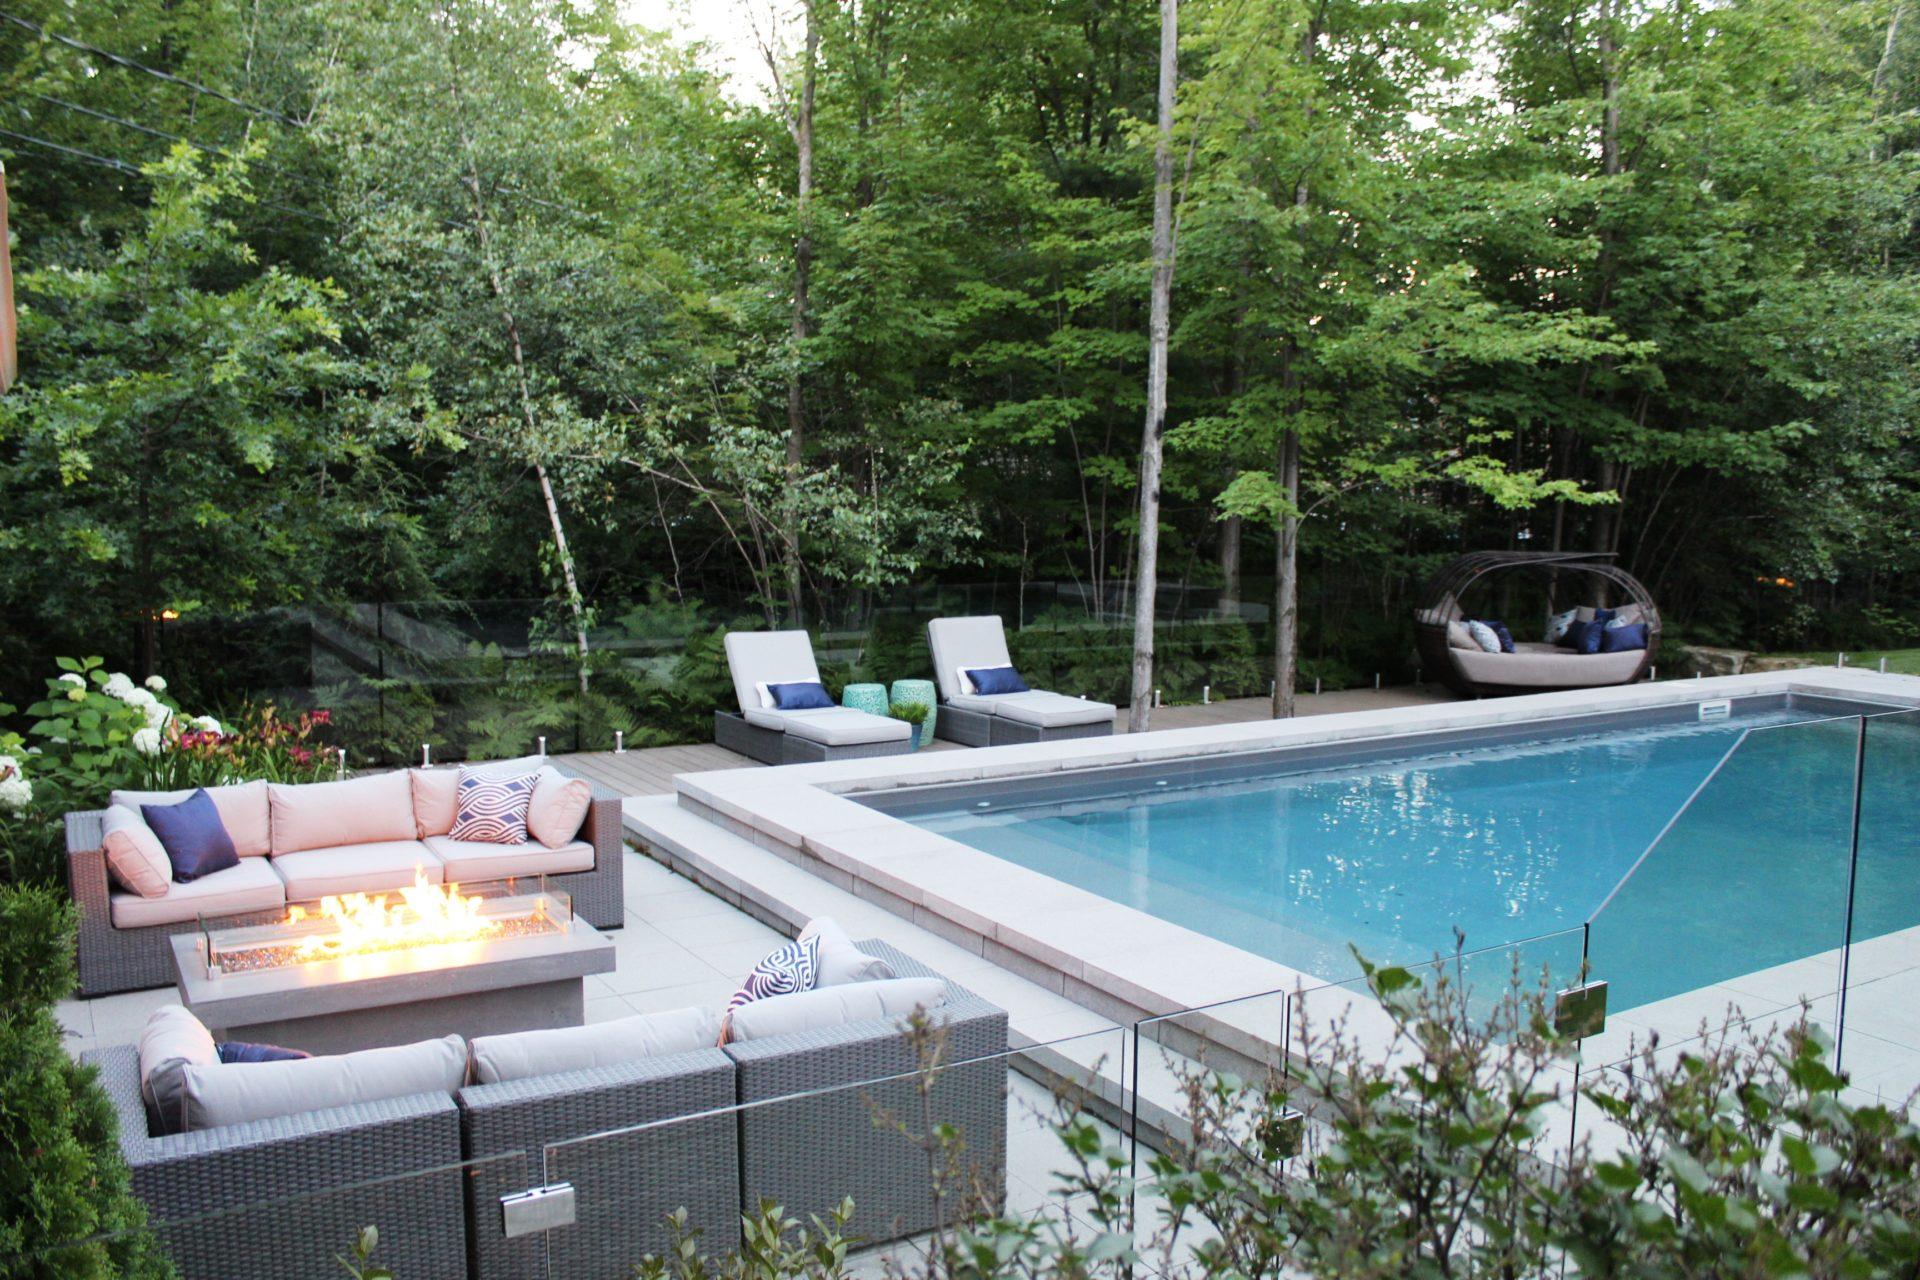 l'art d'aménager des zones de vie à proximité de la piscine